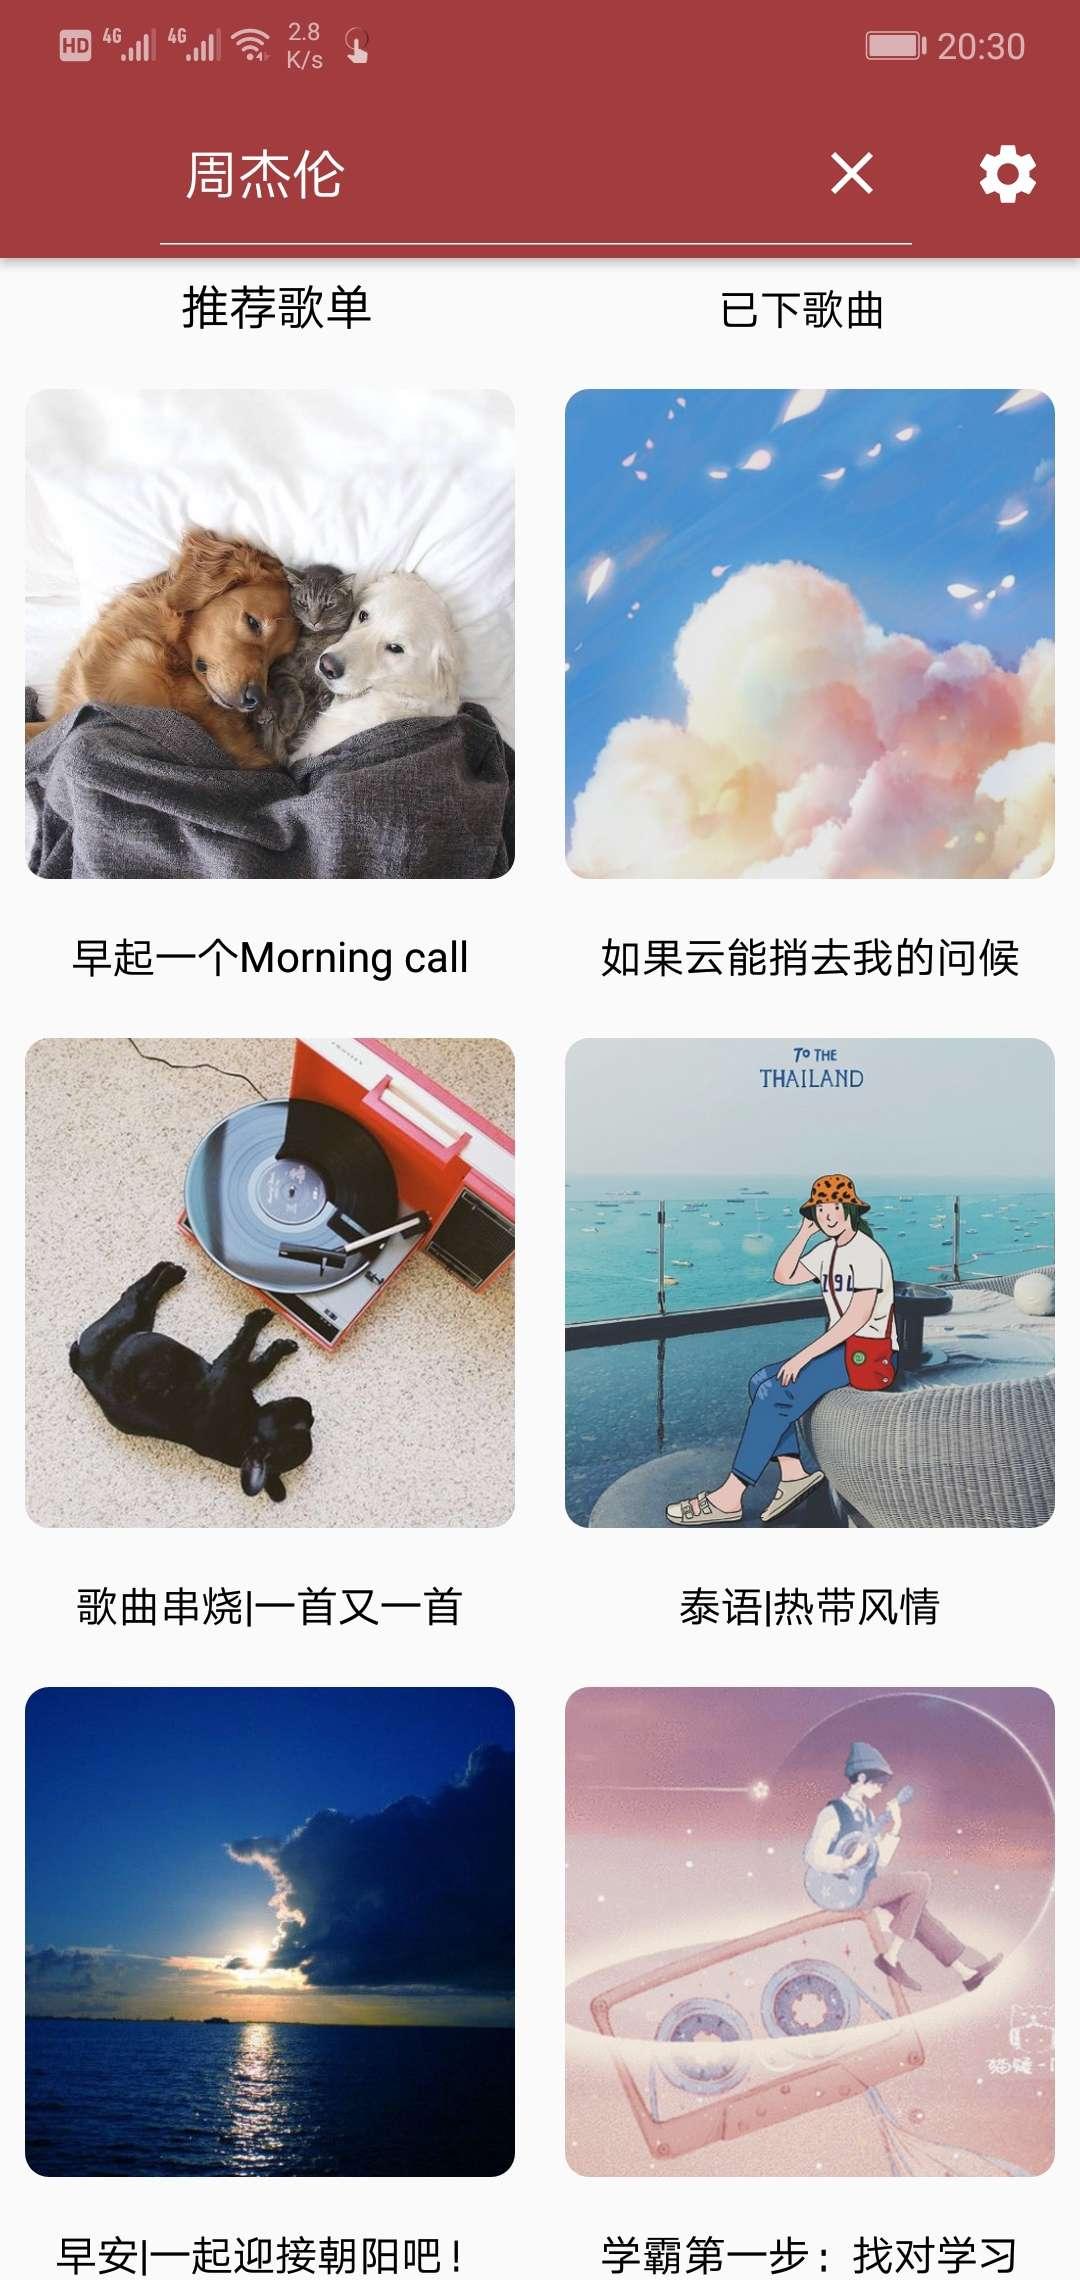 【分享】天天悦听 新春版 付费无损音乐免费下载器,多个歌源